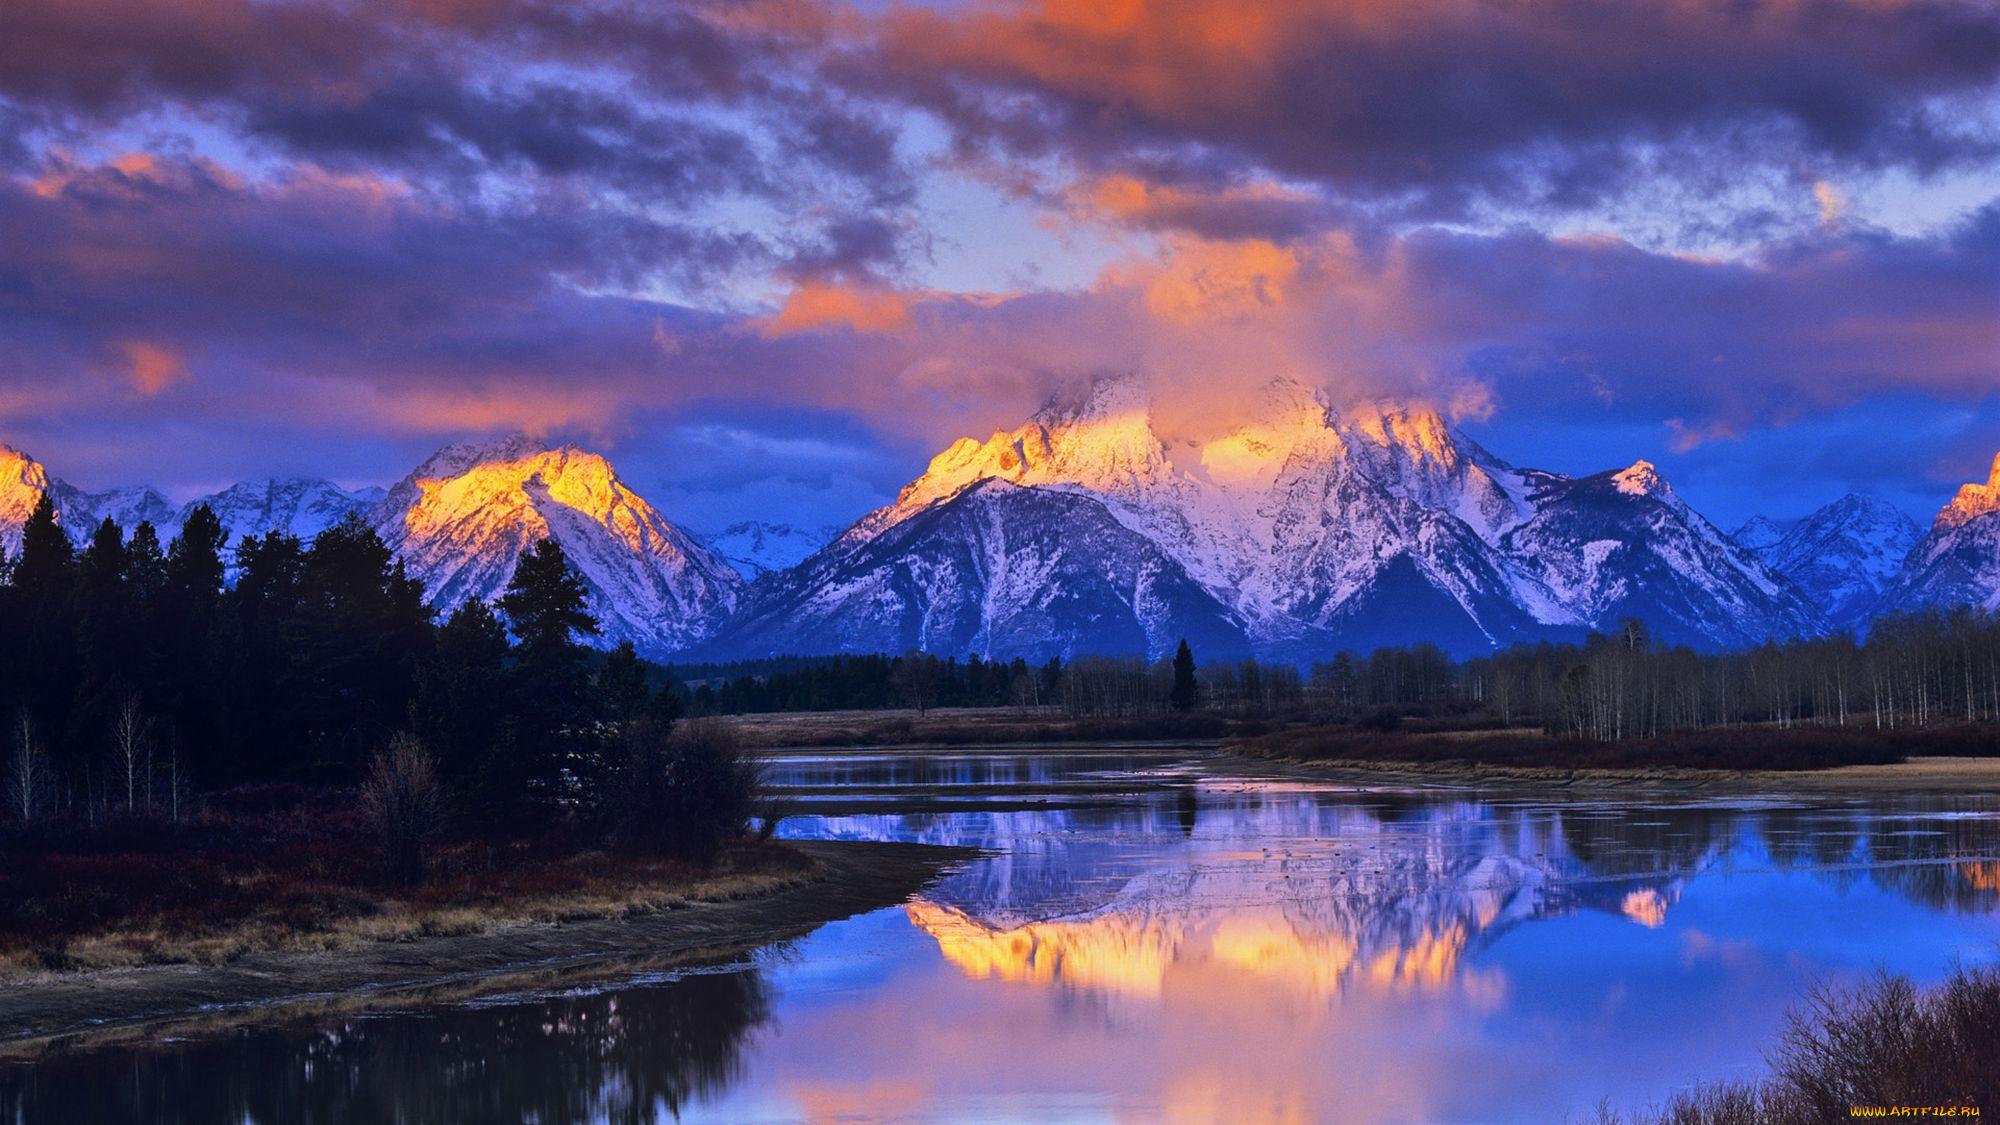 природа горы небо облака река деревья nature mountains the sky clouds river trees  № 1223862 загрузить